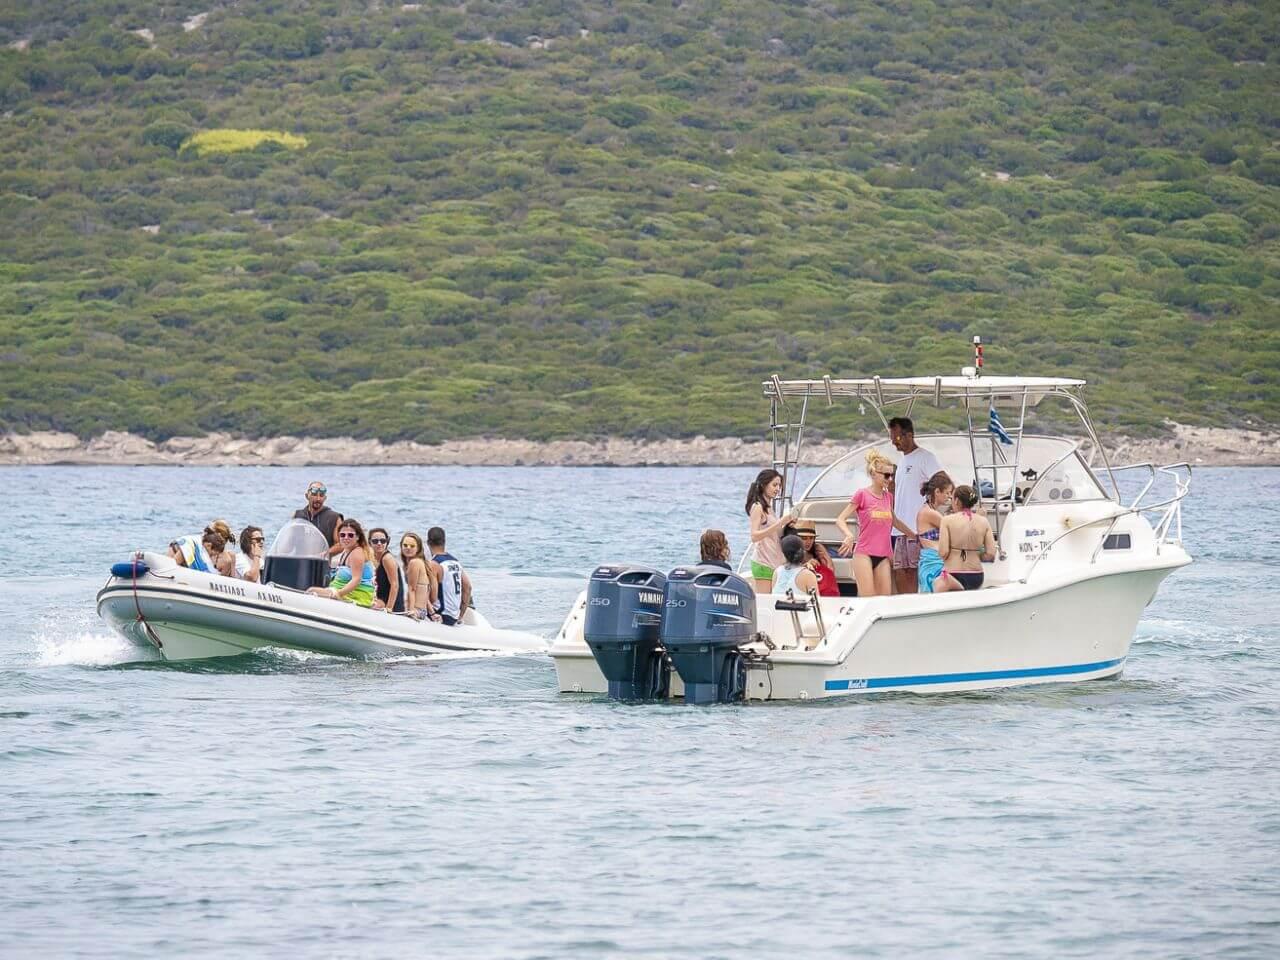 Kitesurfing boat trips kite safari in Greece